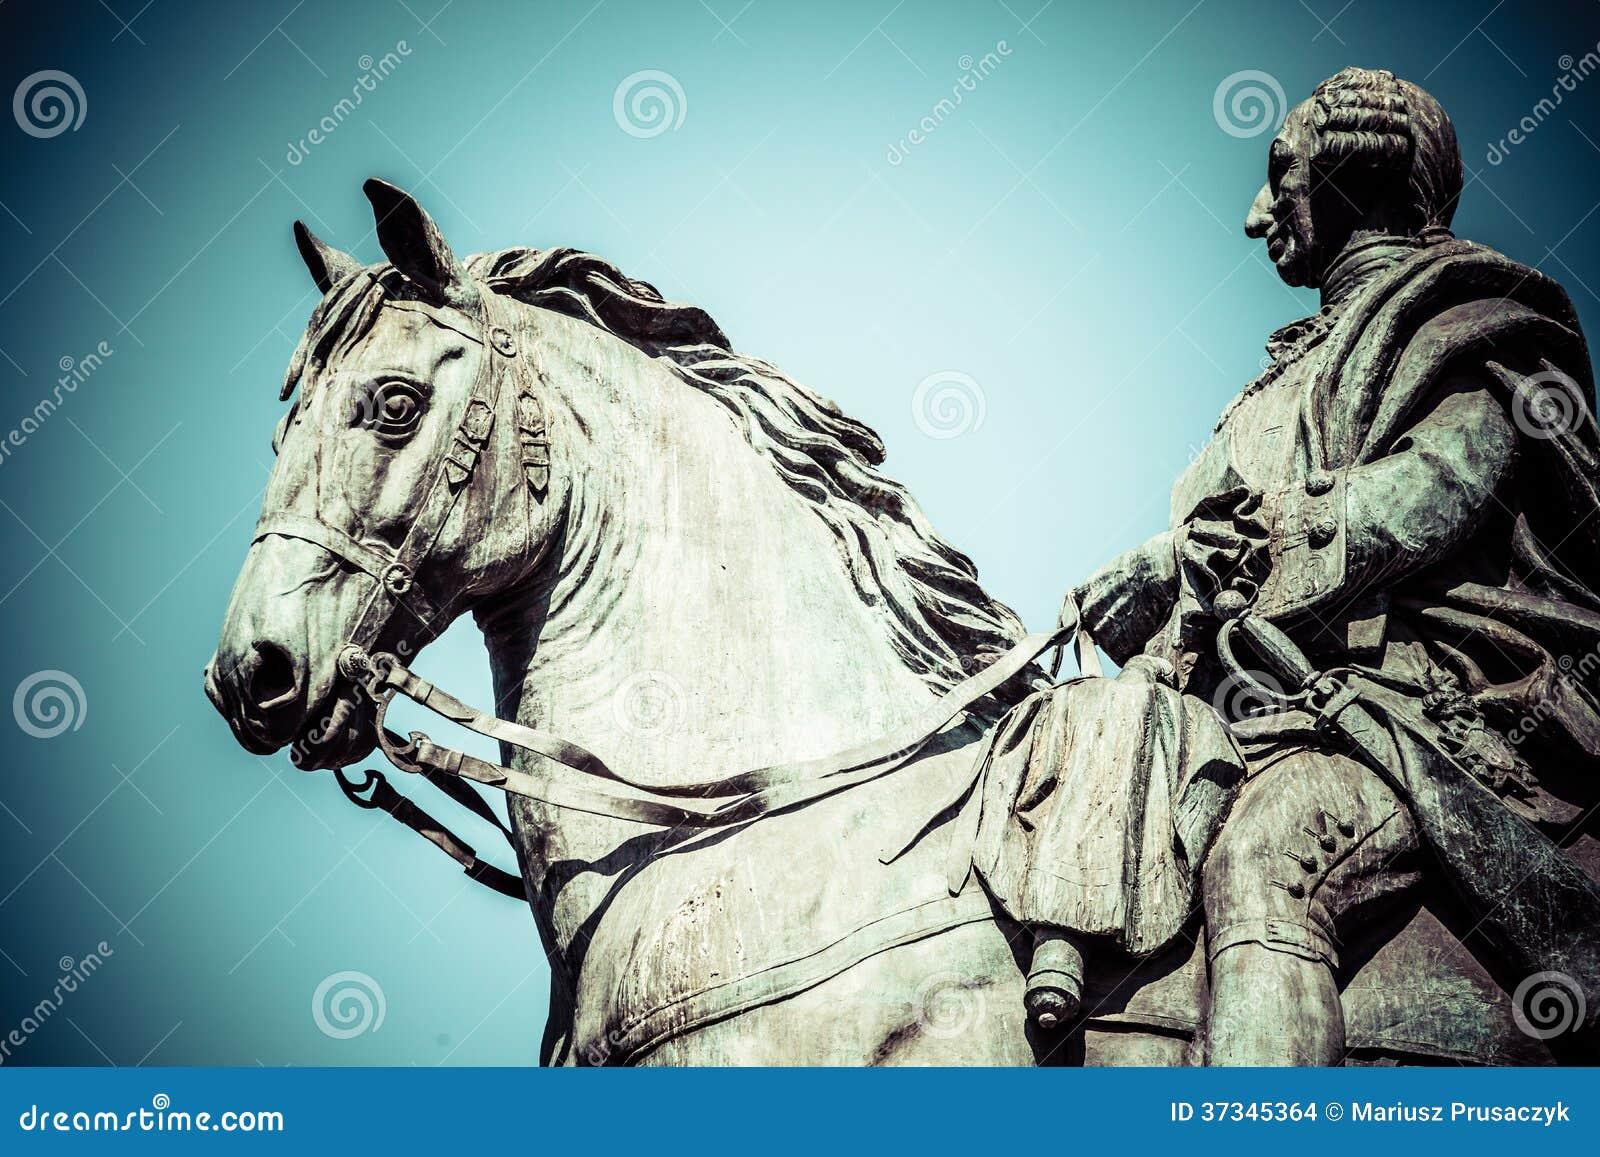 Das Monument von Charles III auf Puerta del Sol in Madrid, Spanien